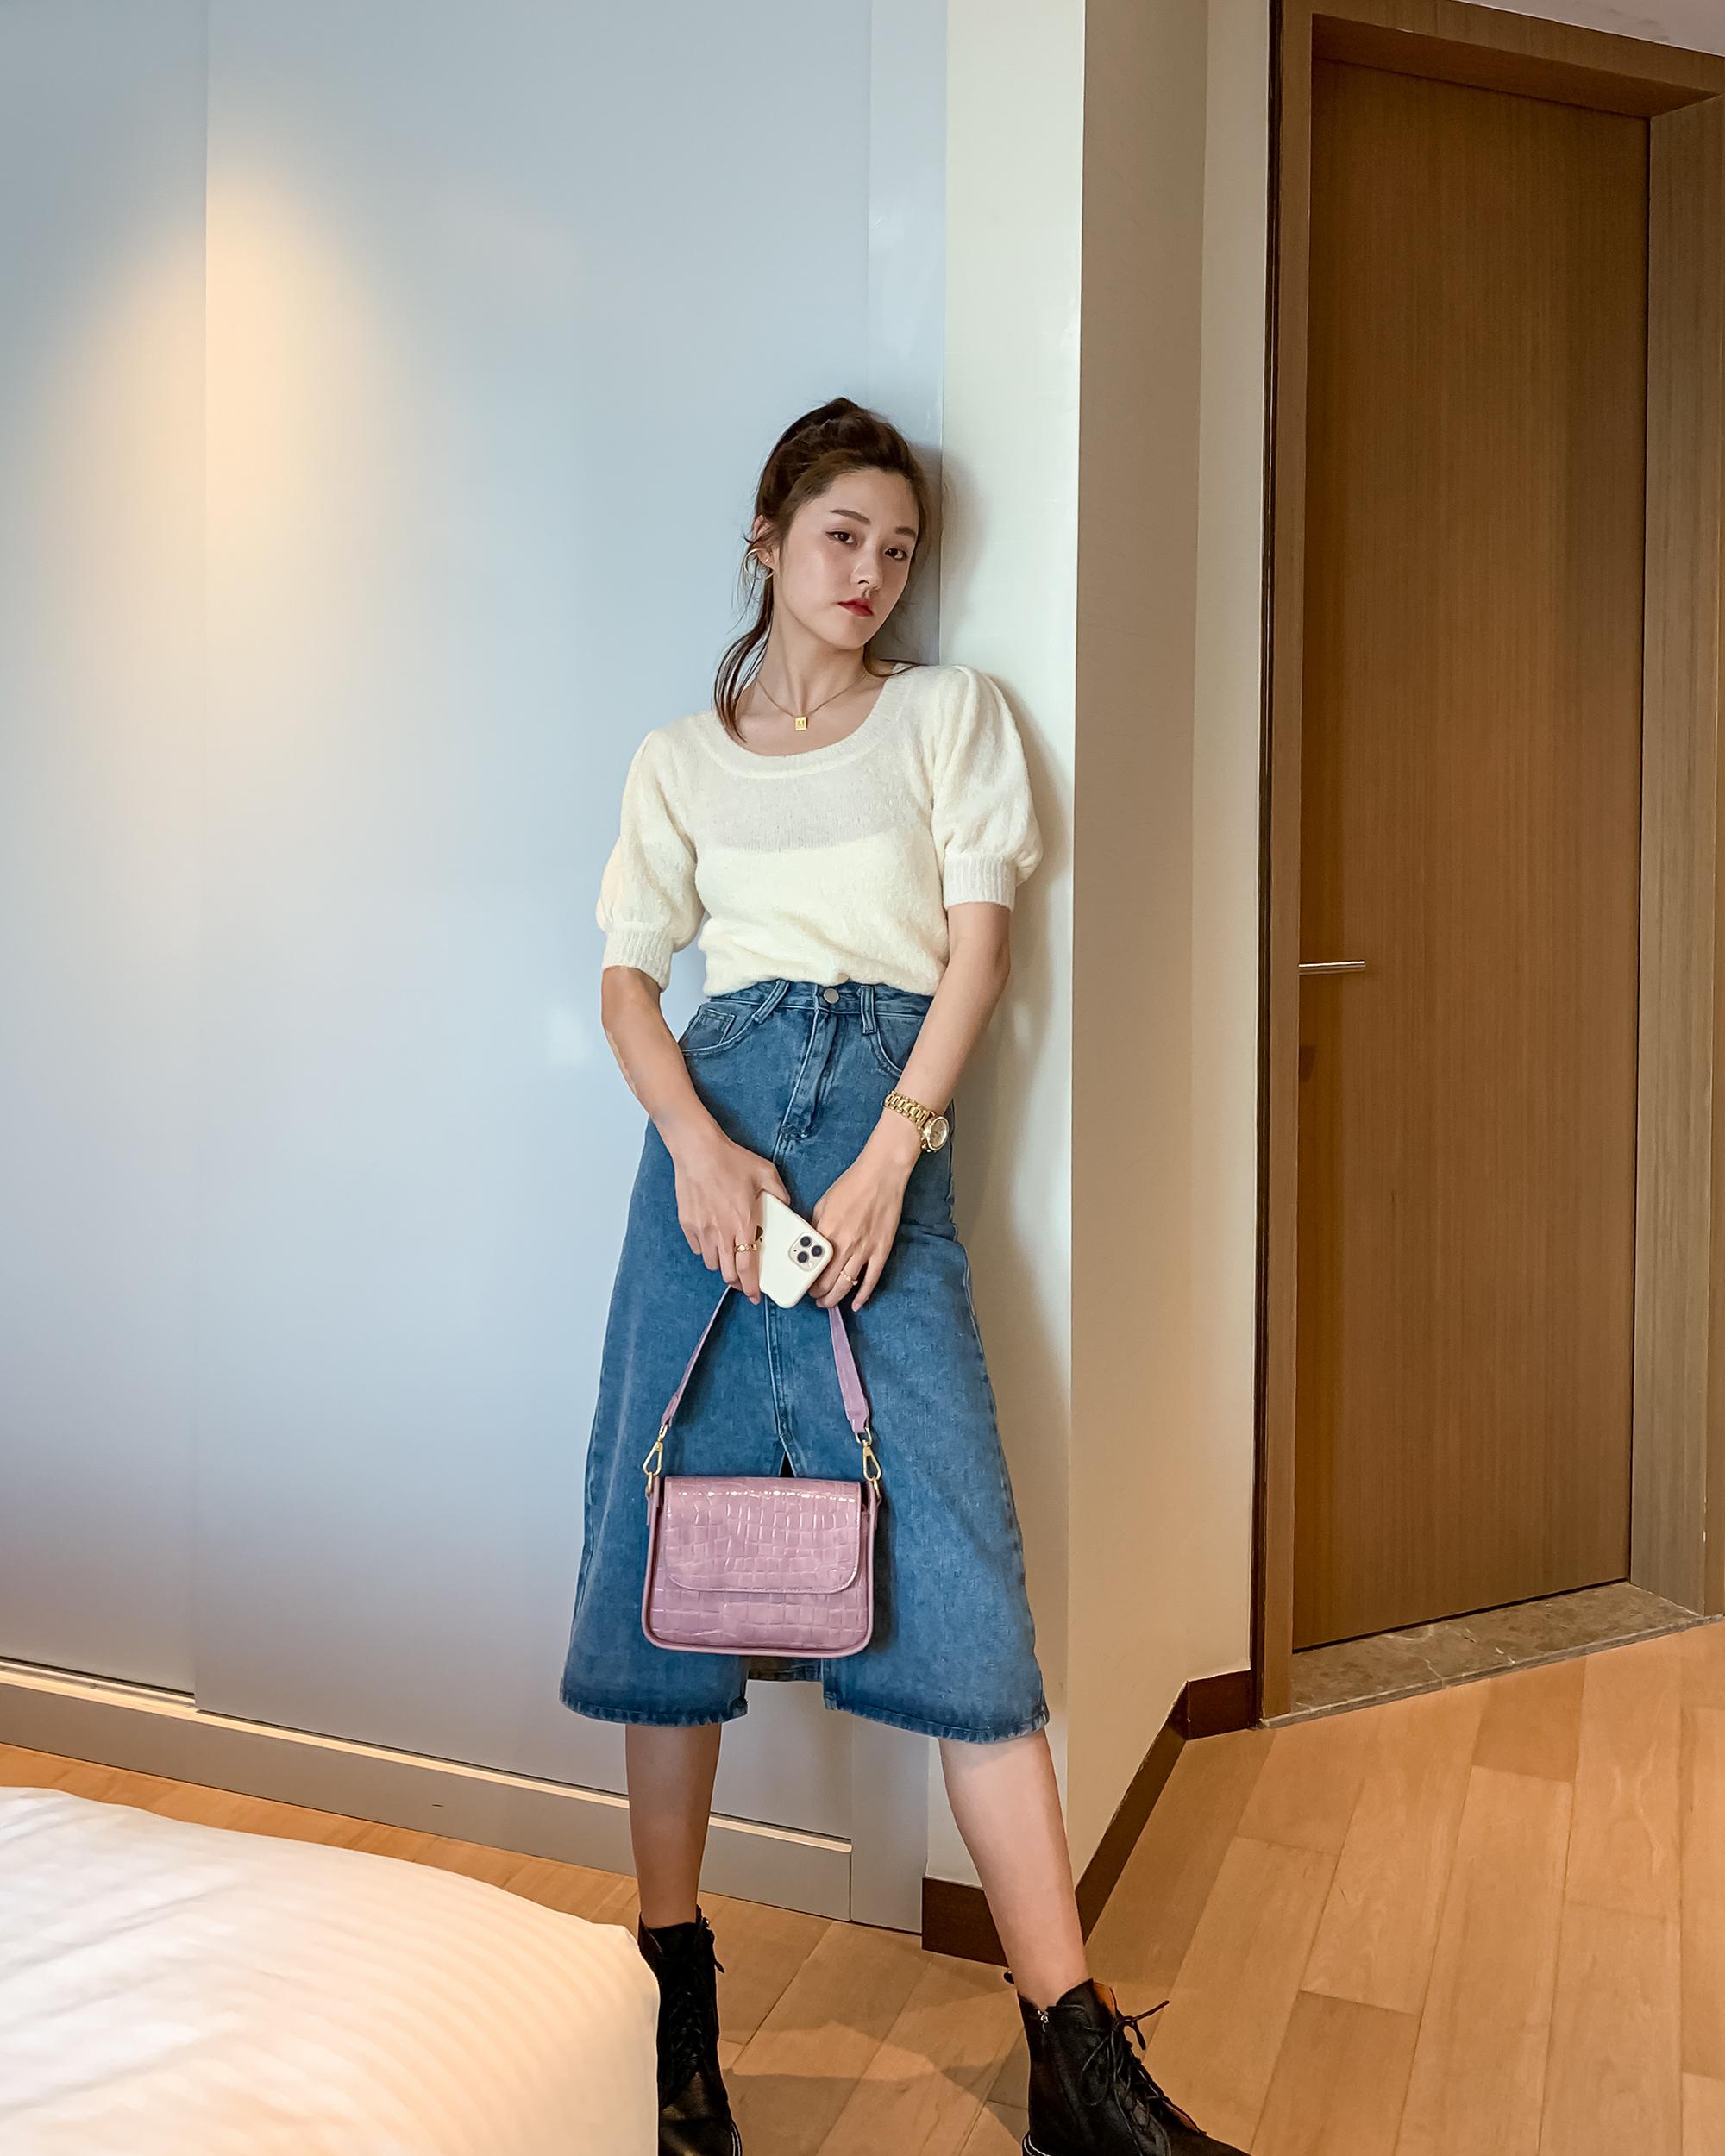 【东胜】时尚鳄鱼纹包包2020新款潮流女包小包斜挎单肩手提腋下包